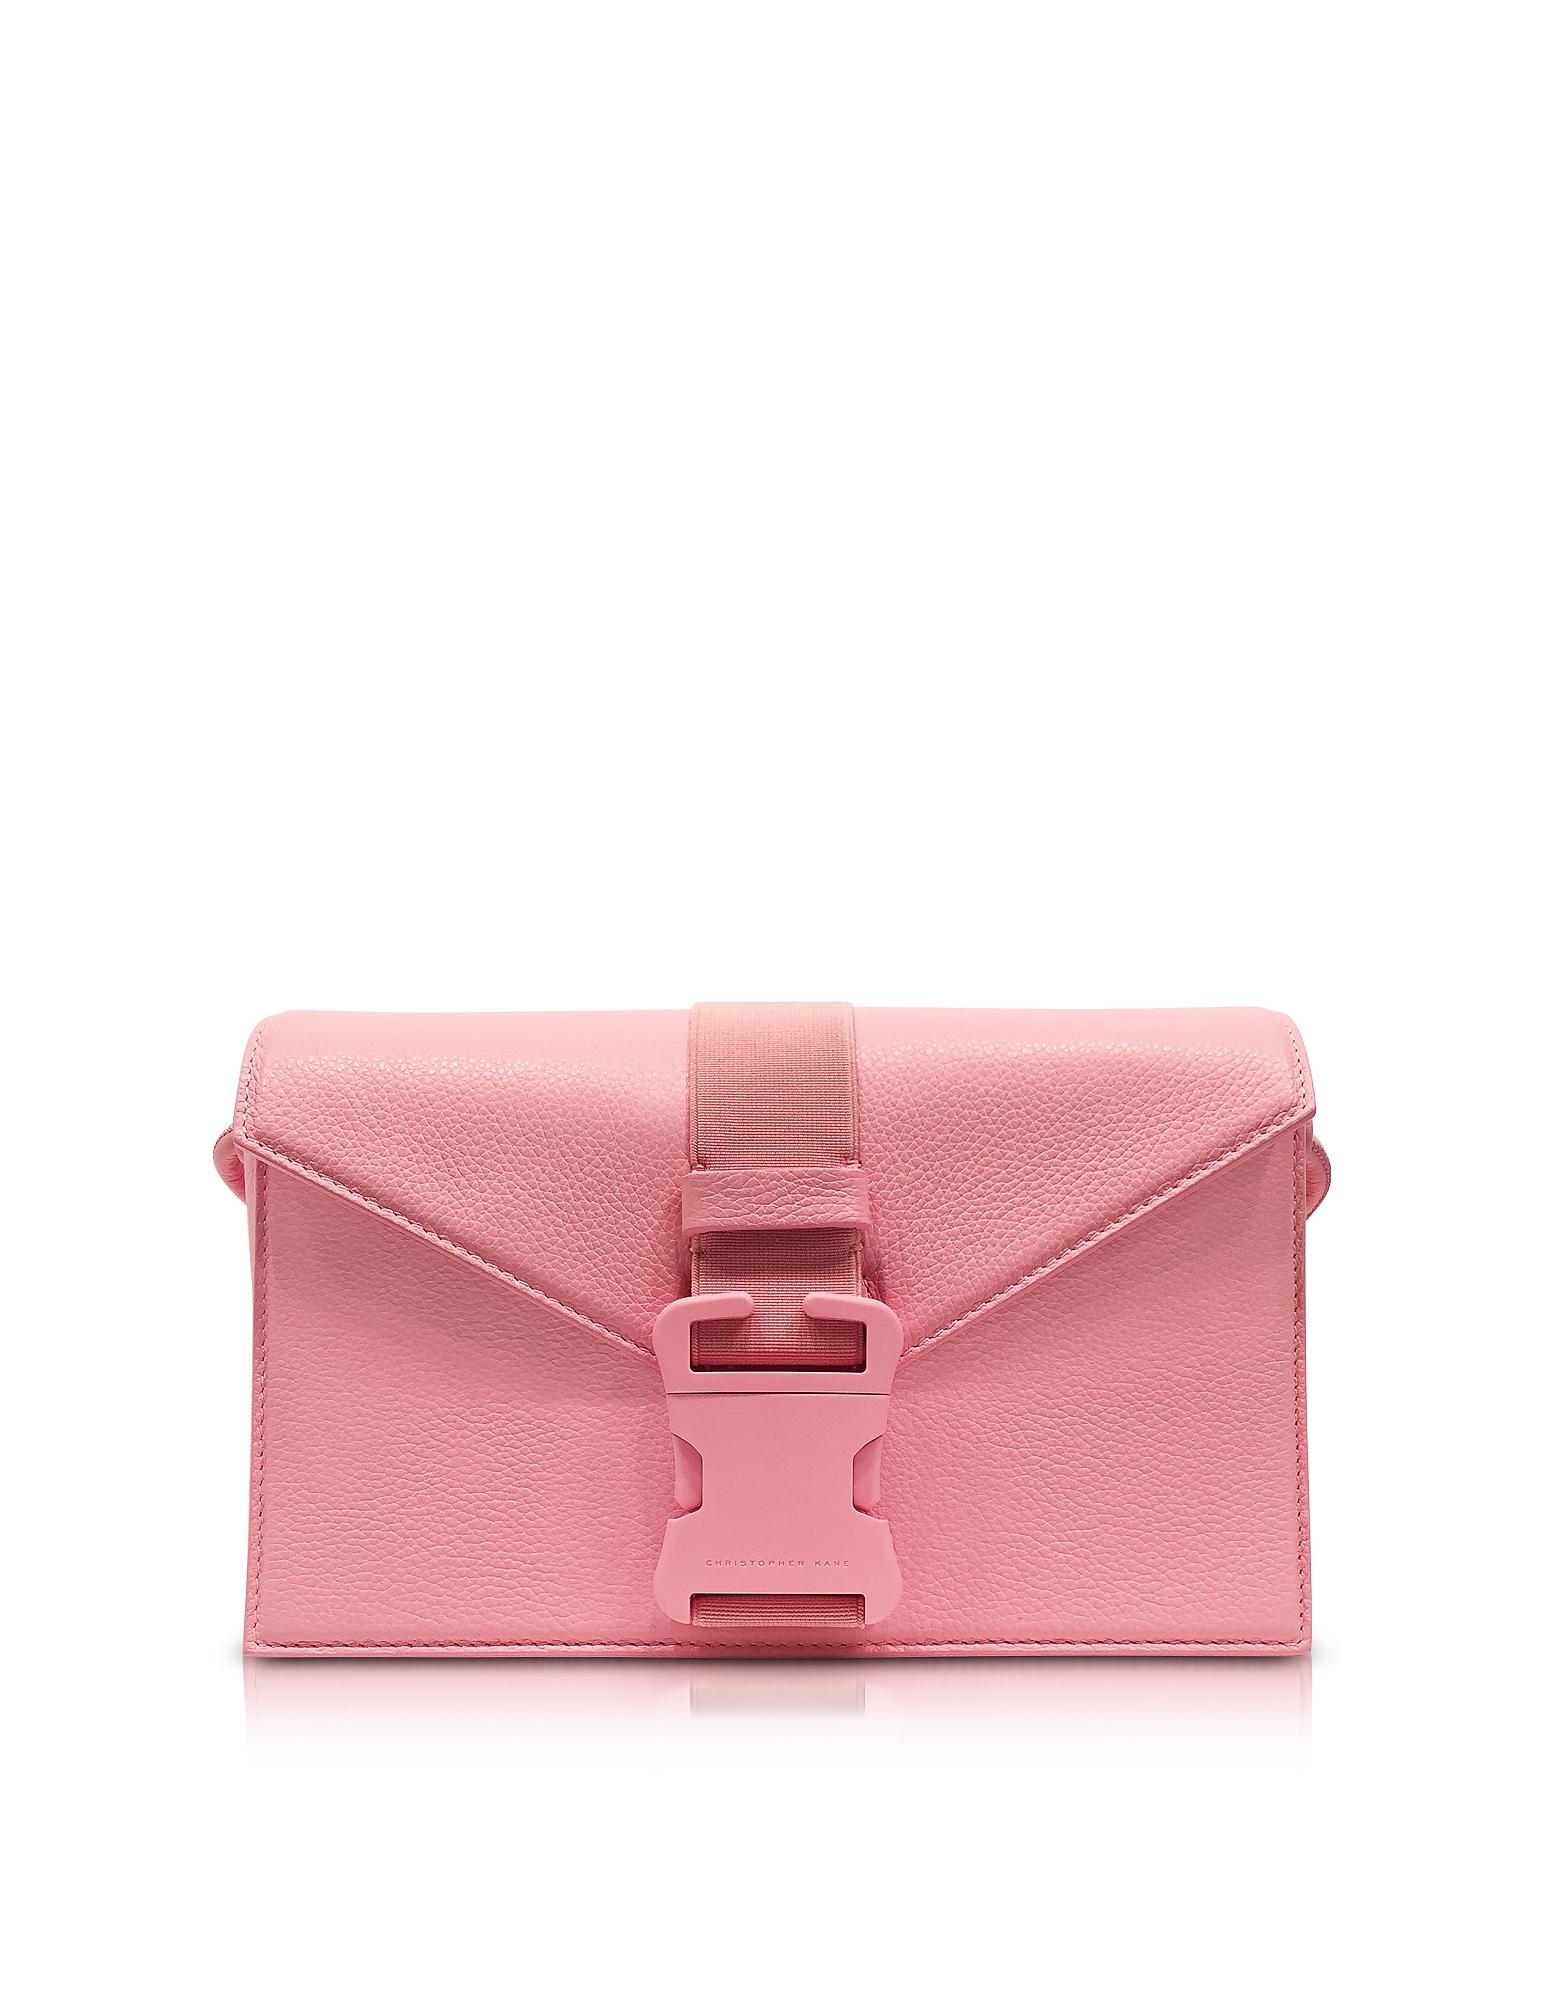 Venus Pink Grained Leather Devine Og Bag